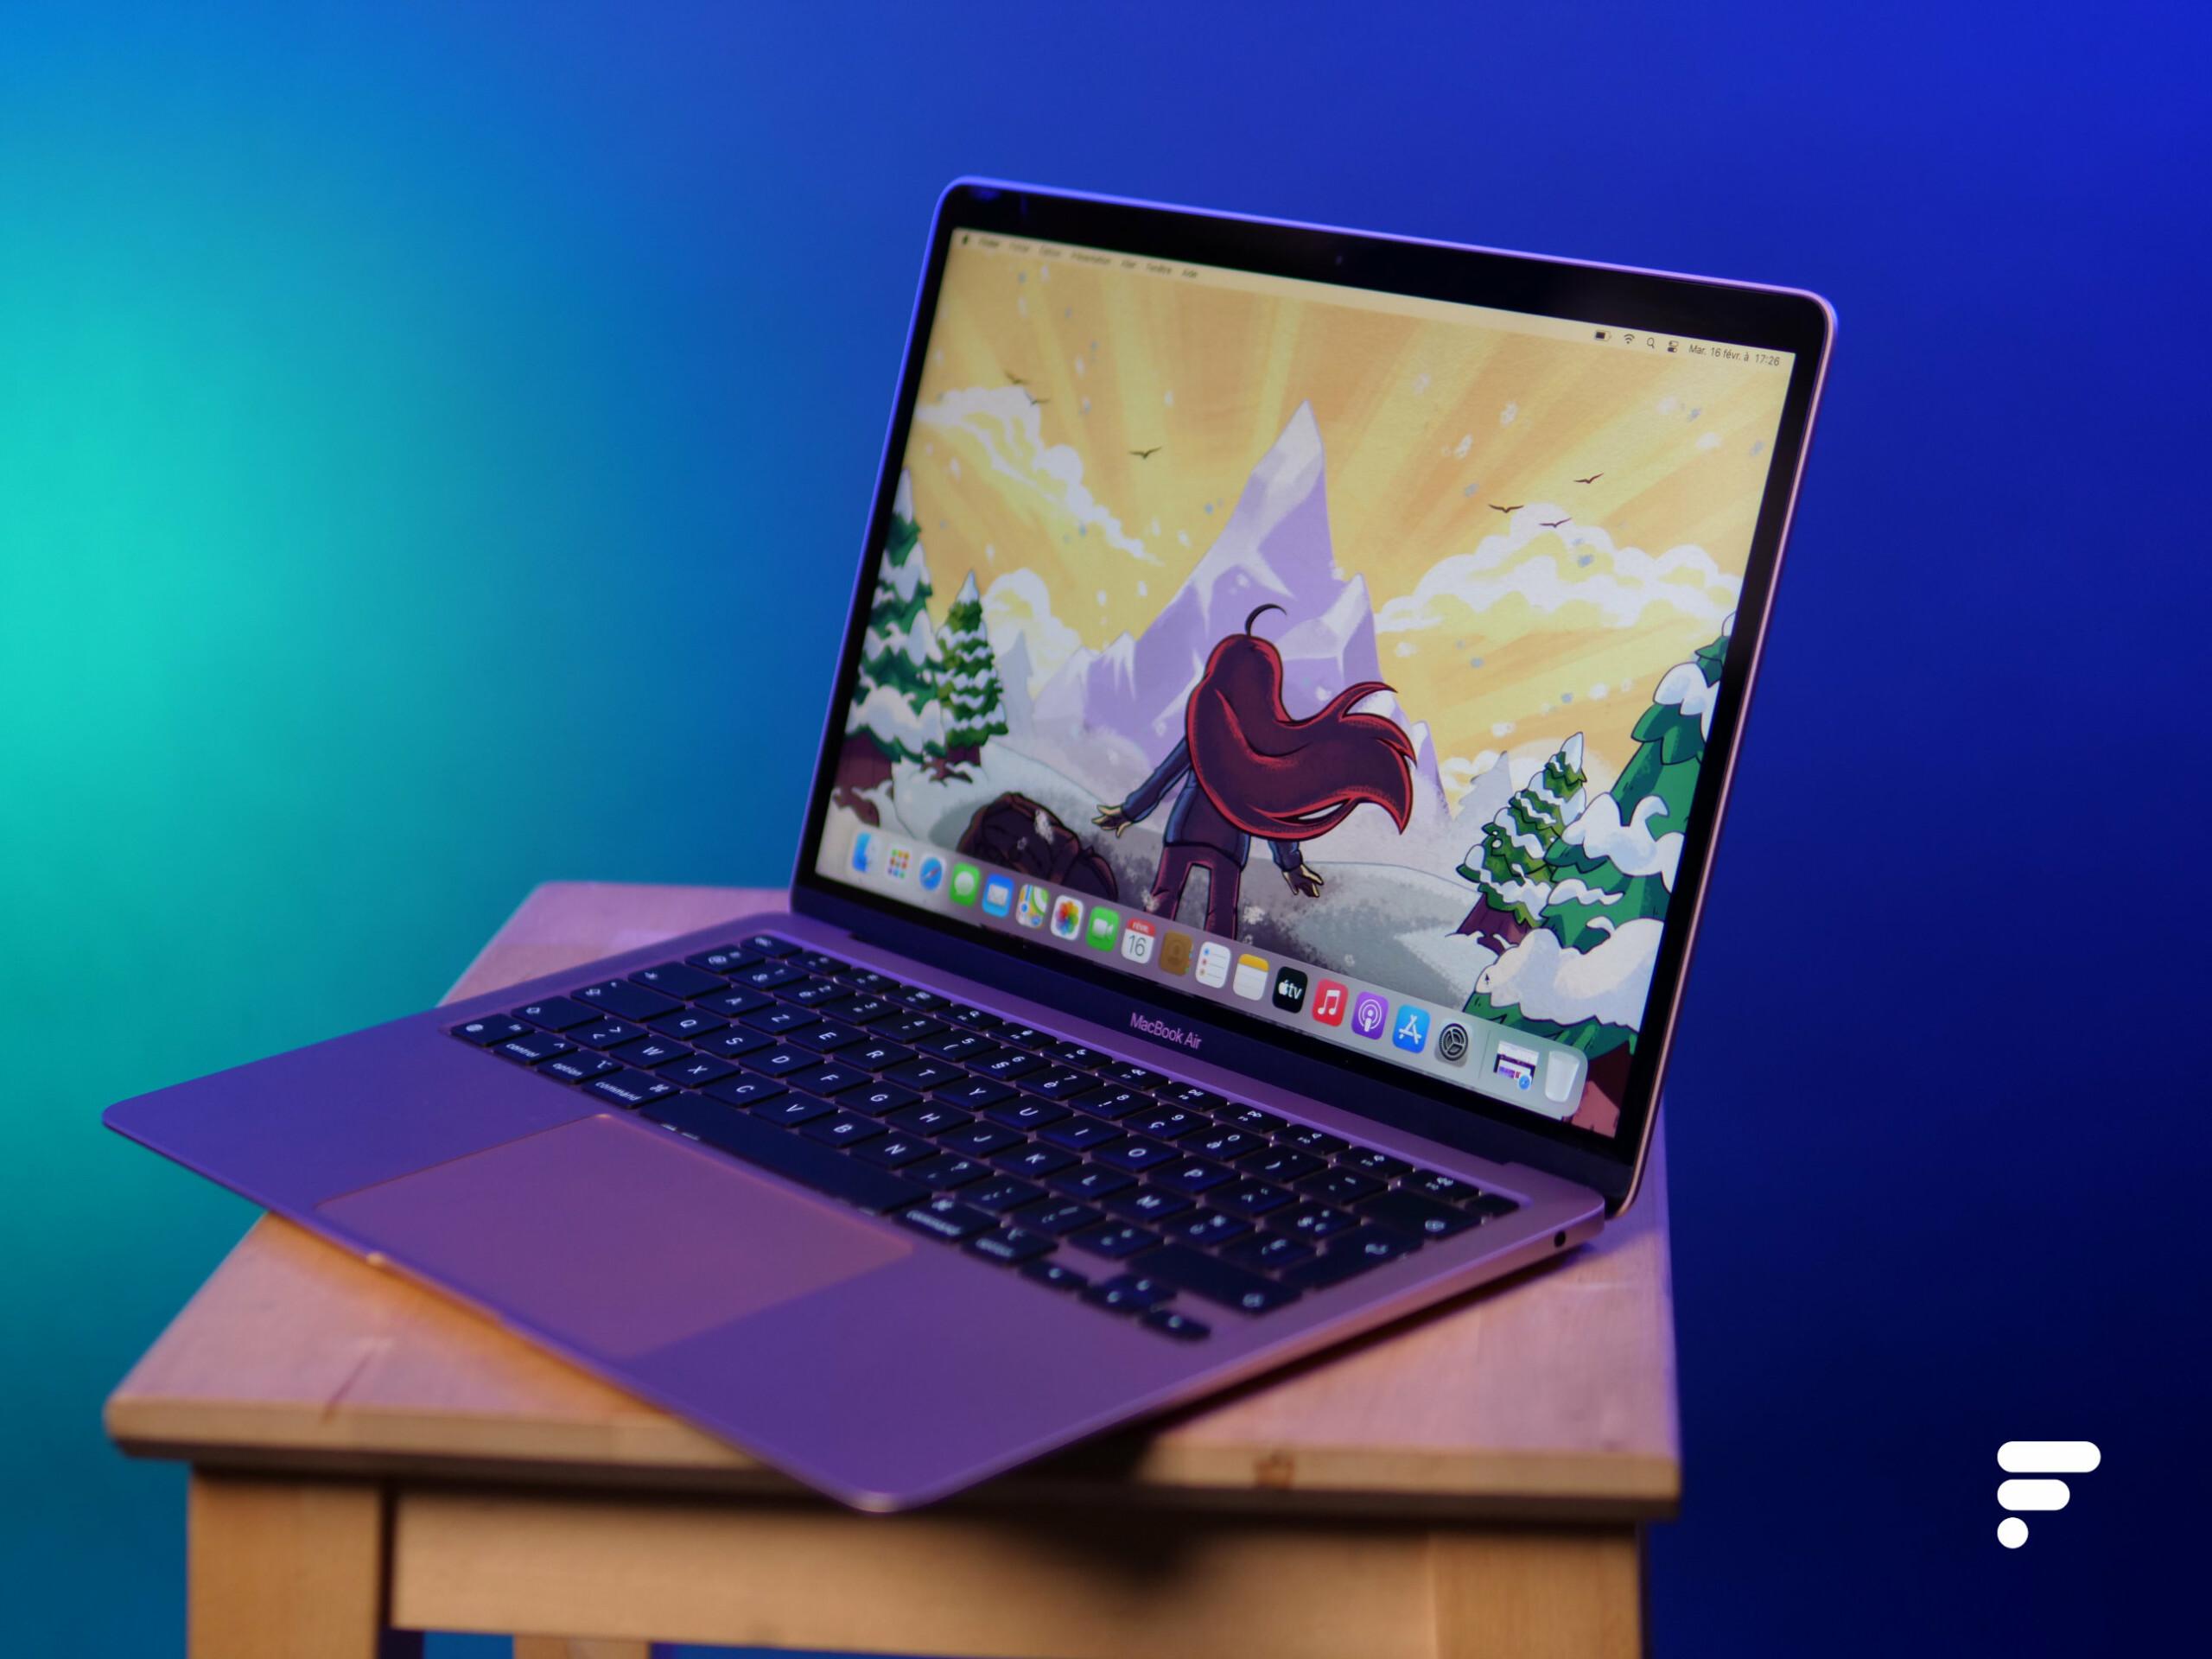 Test Apple MacBook Air 2020 M1 : notre avis complet - PC portables - Frandroid